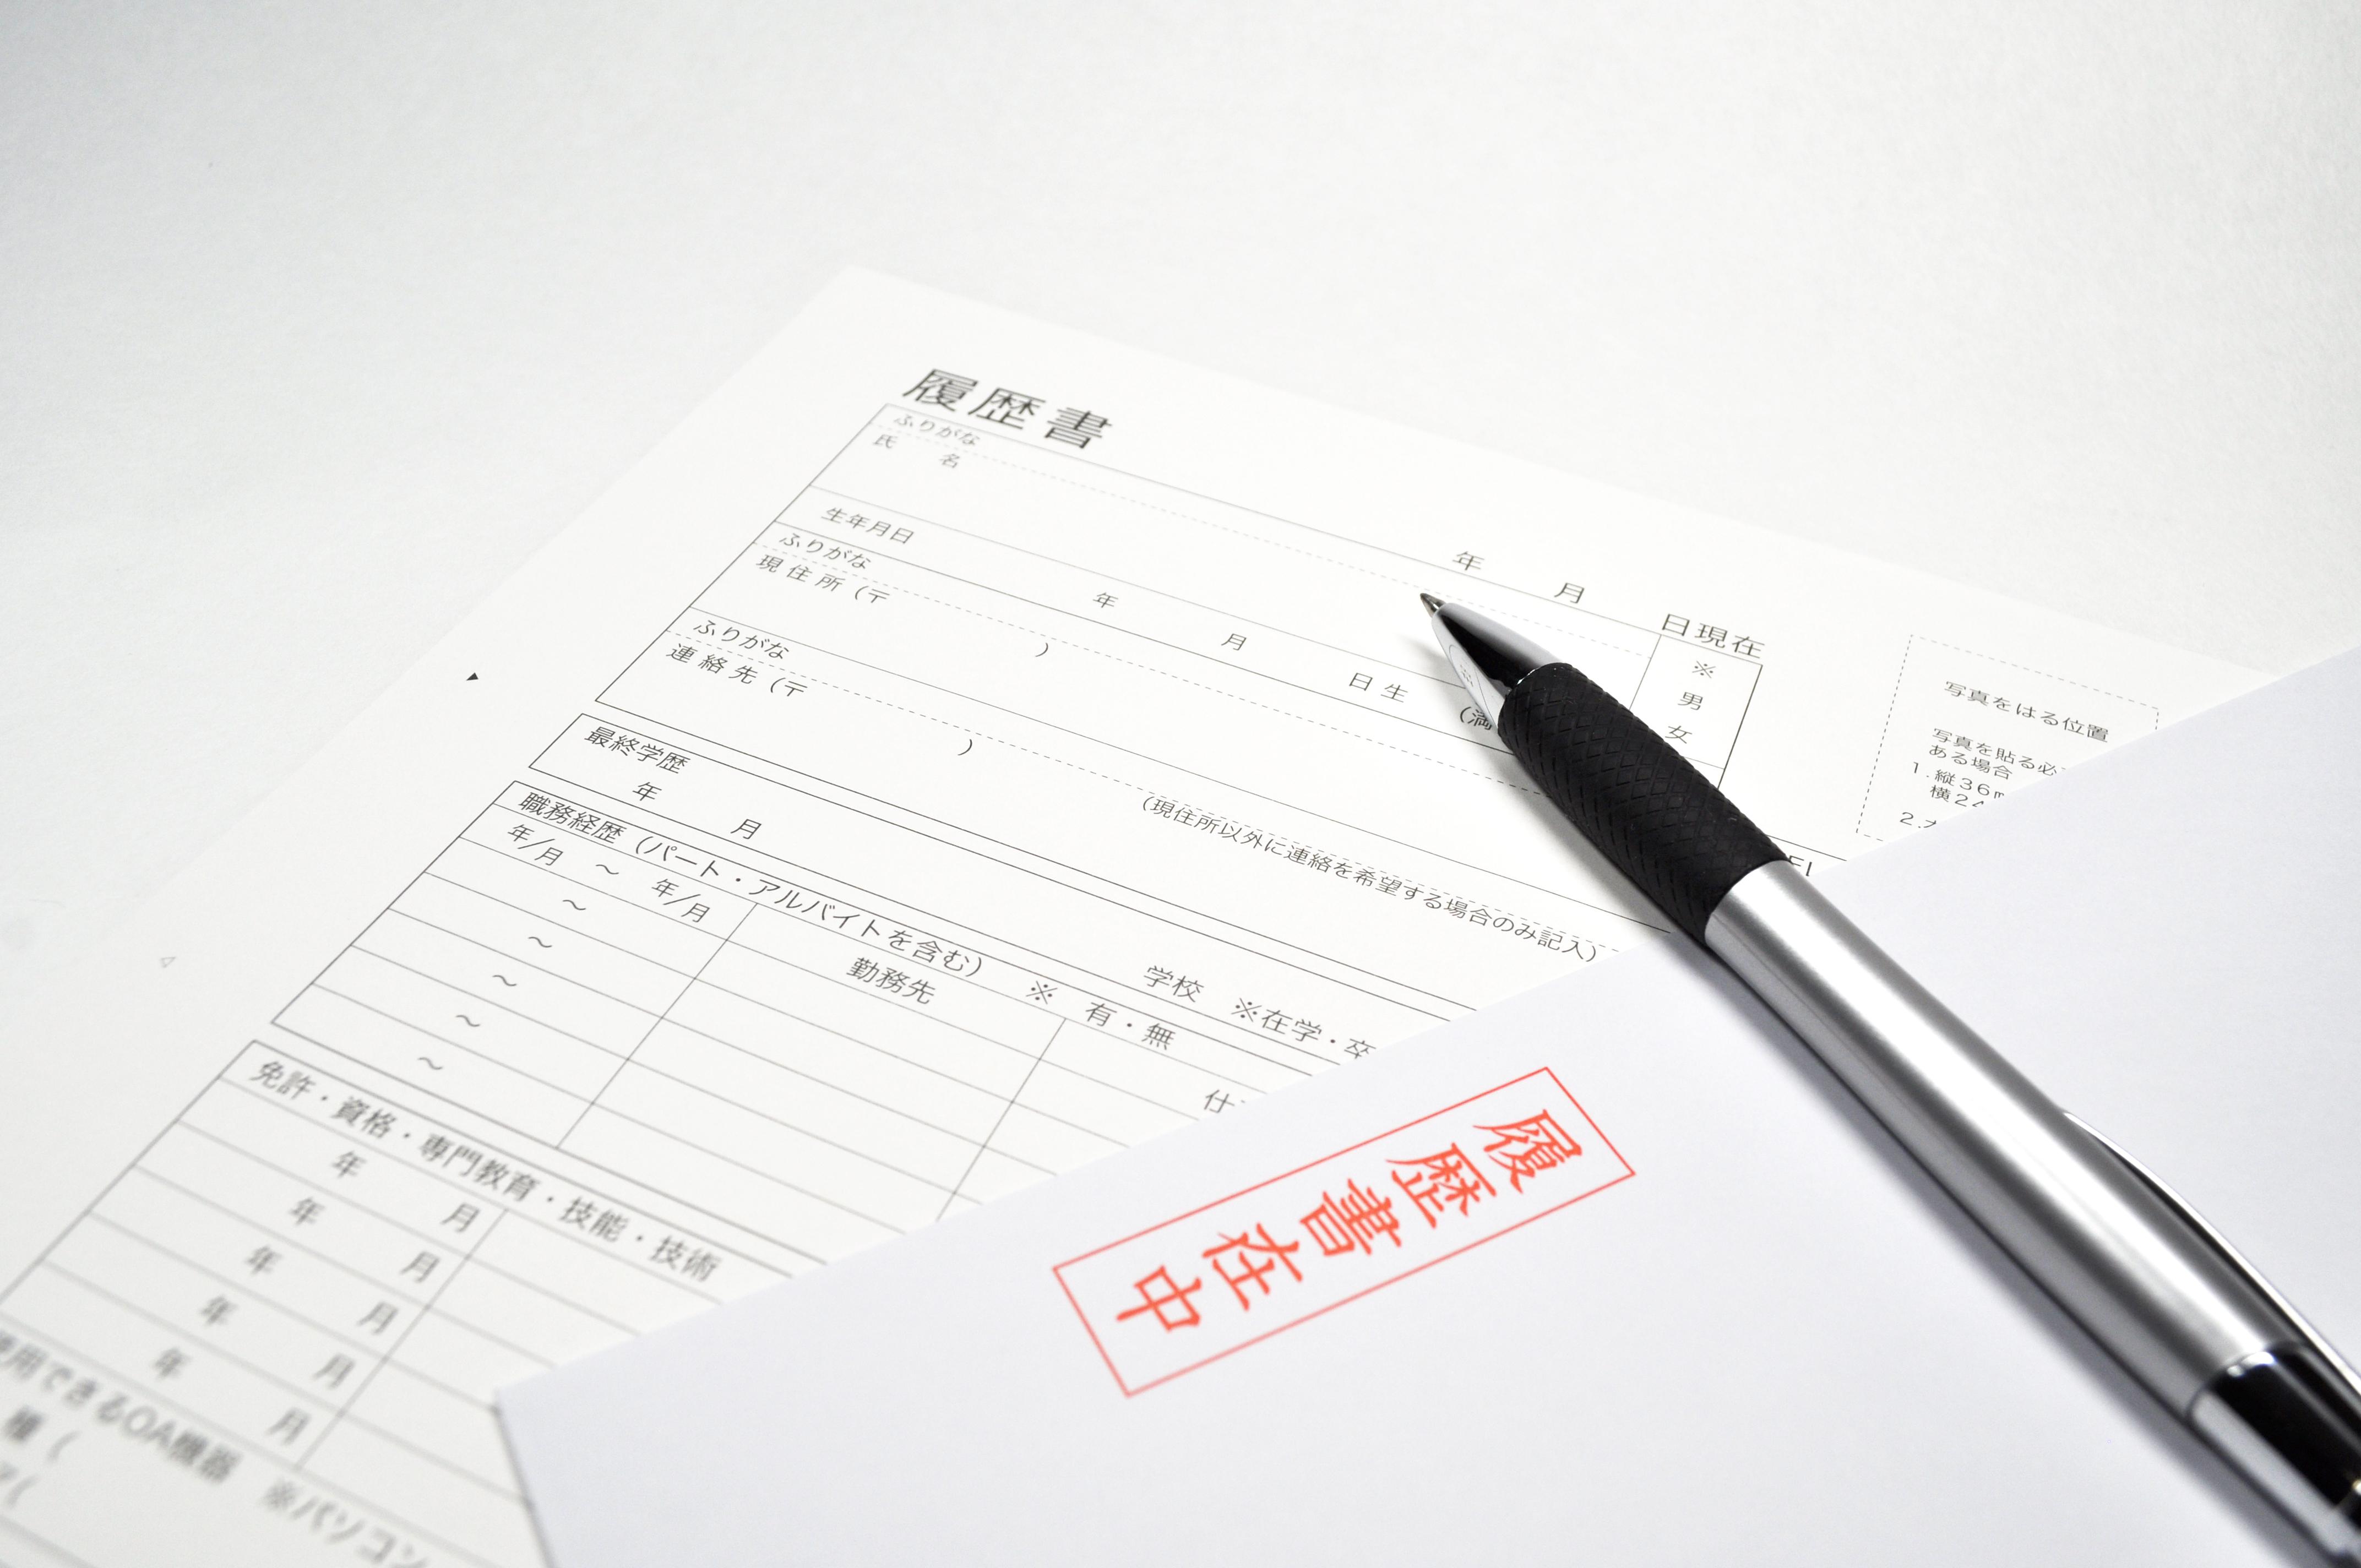 在籍企業やその在籍期間について申告通りであれば、基本ラインで安心は得られます。